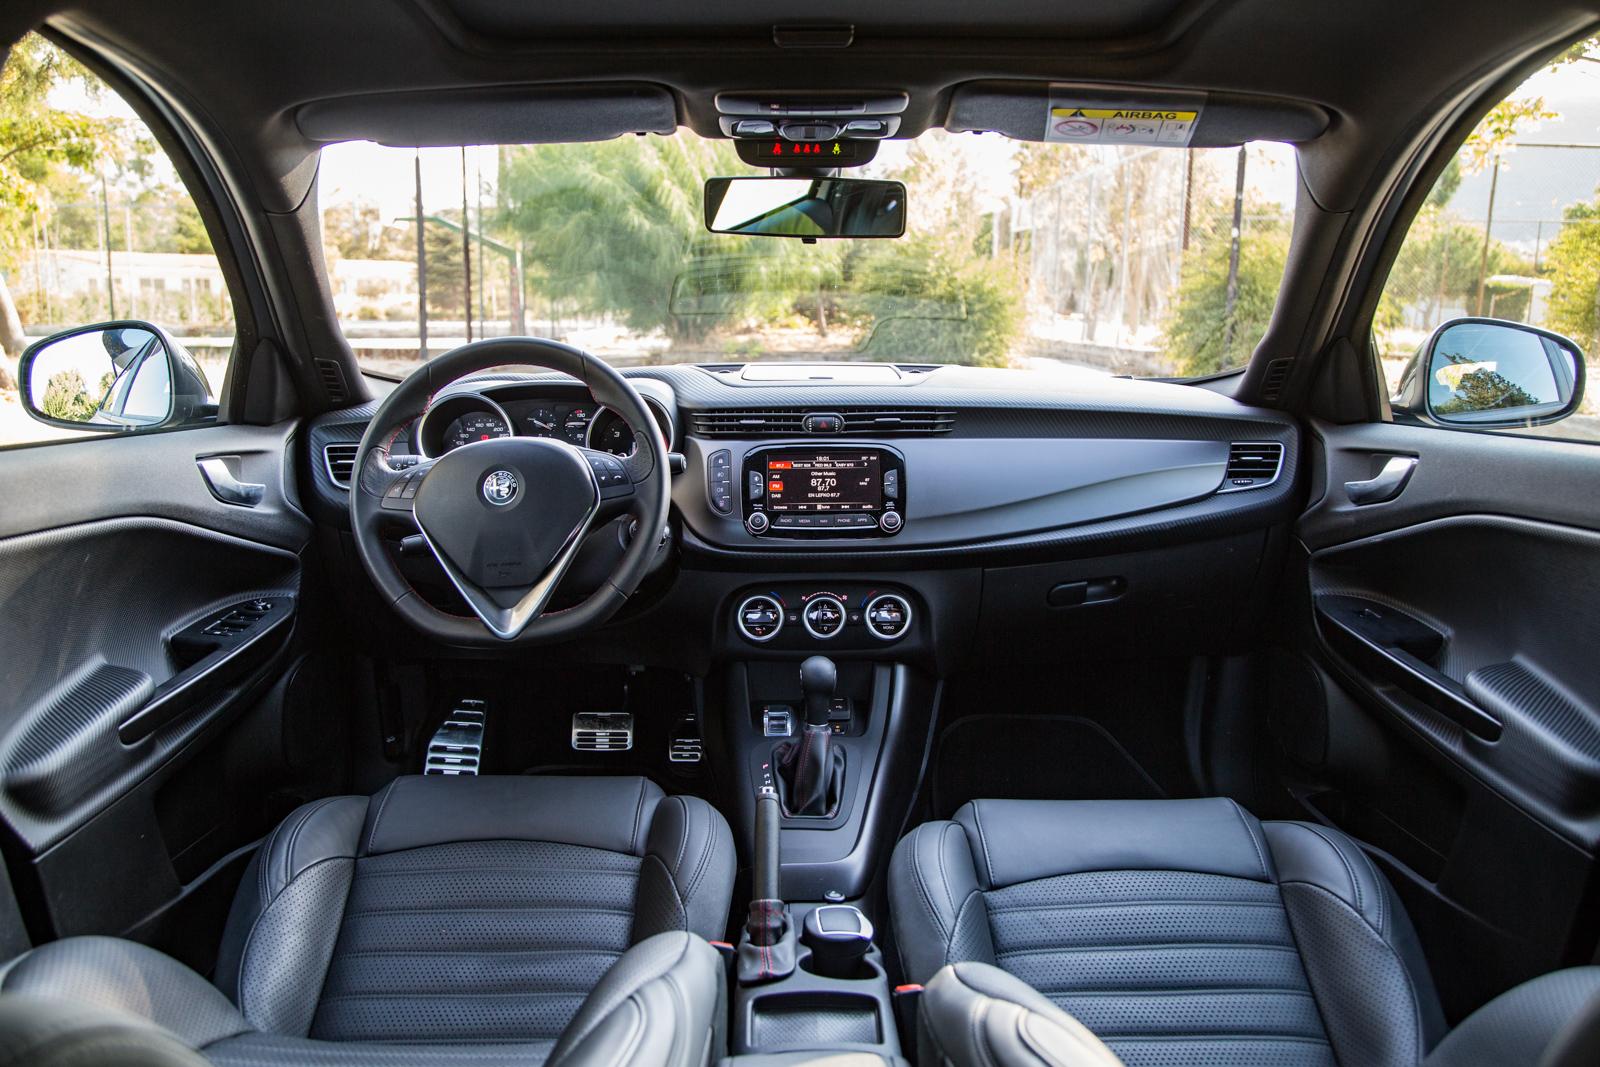 Test_Drive_Alfa_Romeo_Giulietta_TCT_1.6_JTDM-2_28